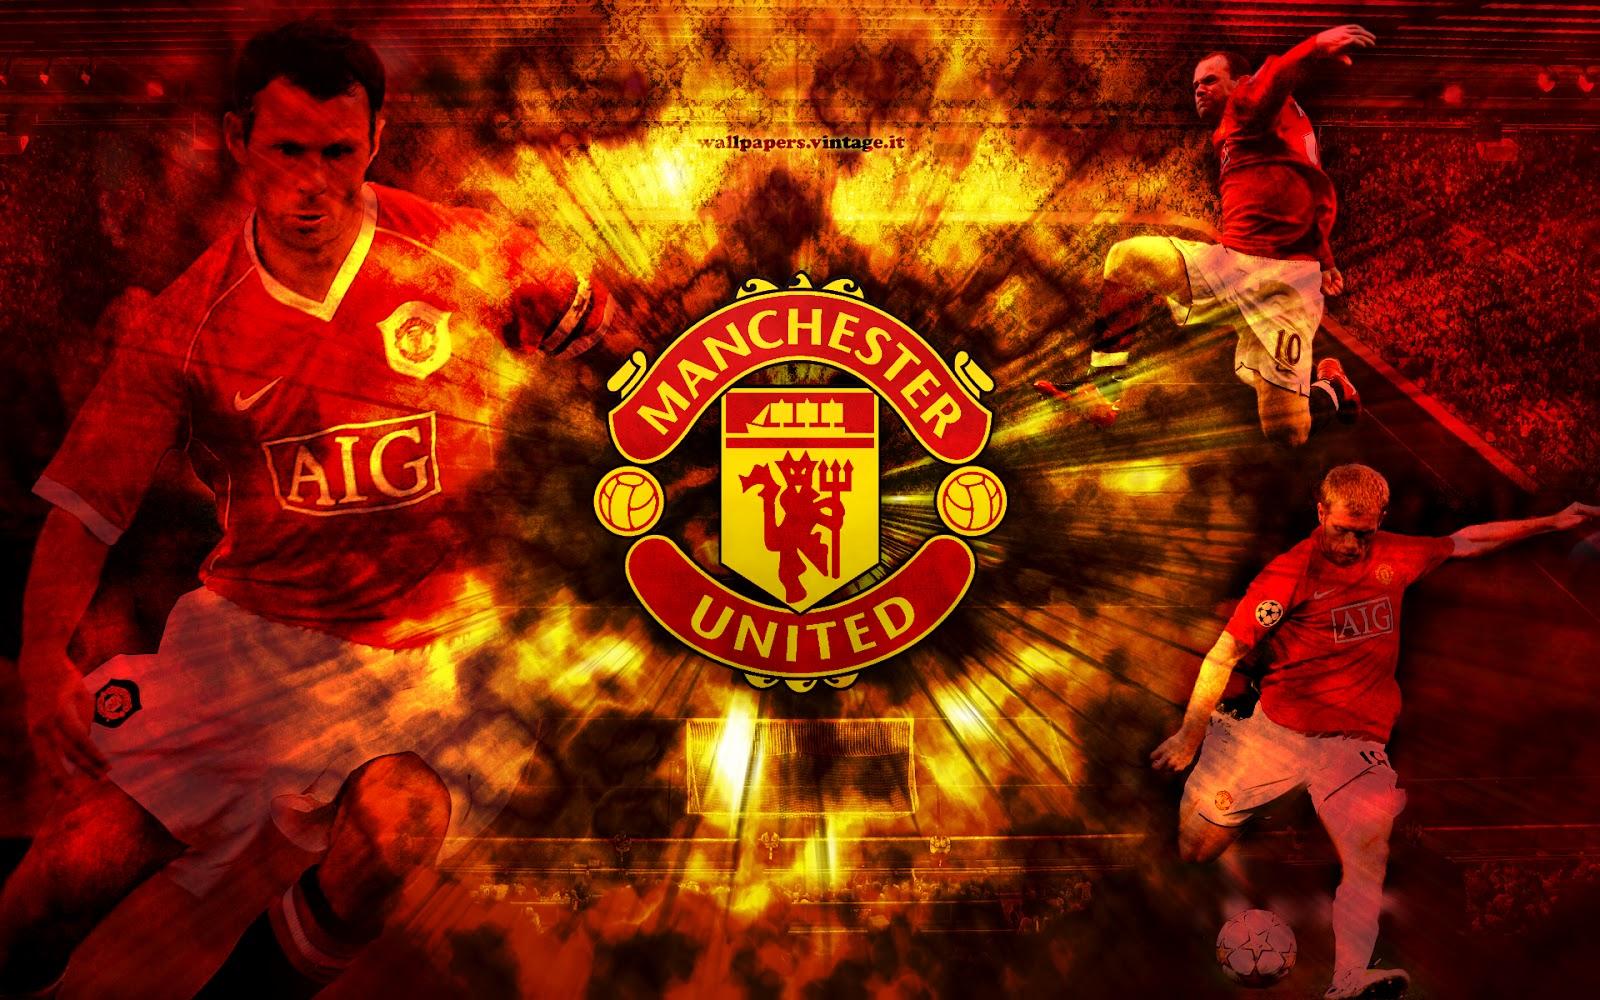 Manchester+United, Gambar Wallpaper MU Manchester United Super Keren Terbaru, manchester United